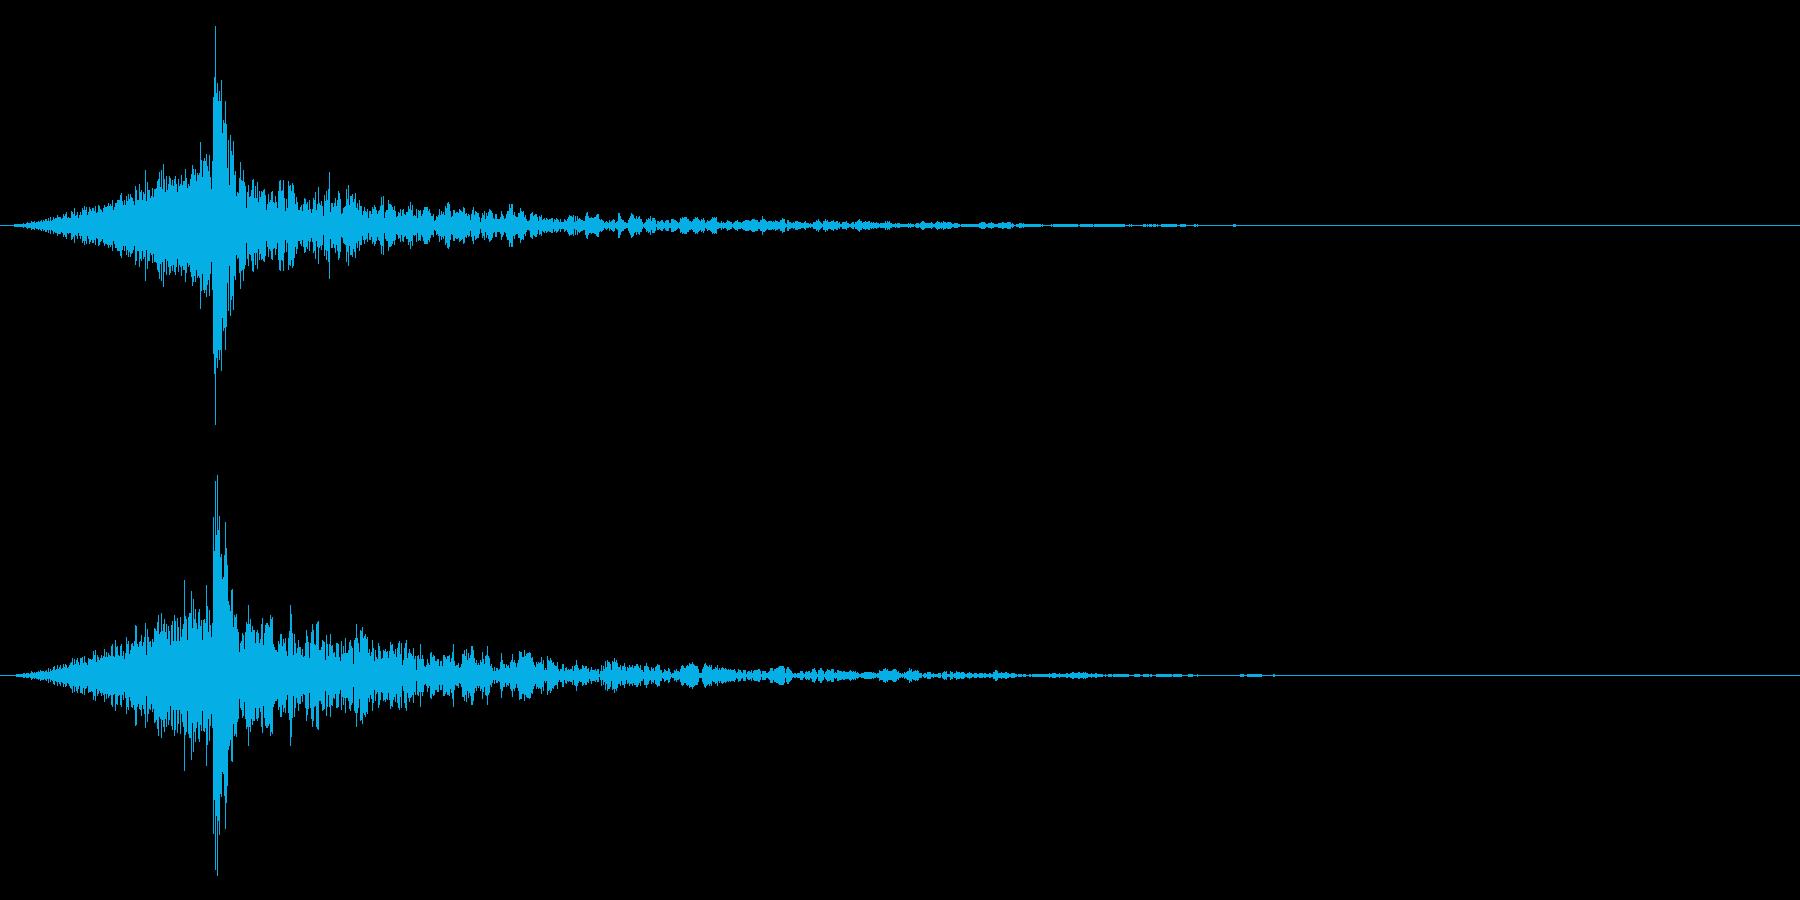 シュードーン-45-4(インパクト音)の再生済みの波形